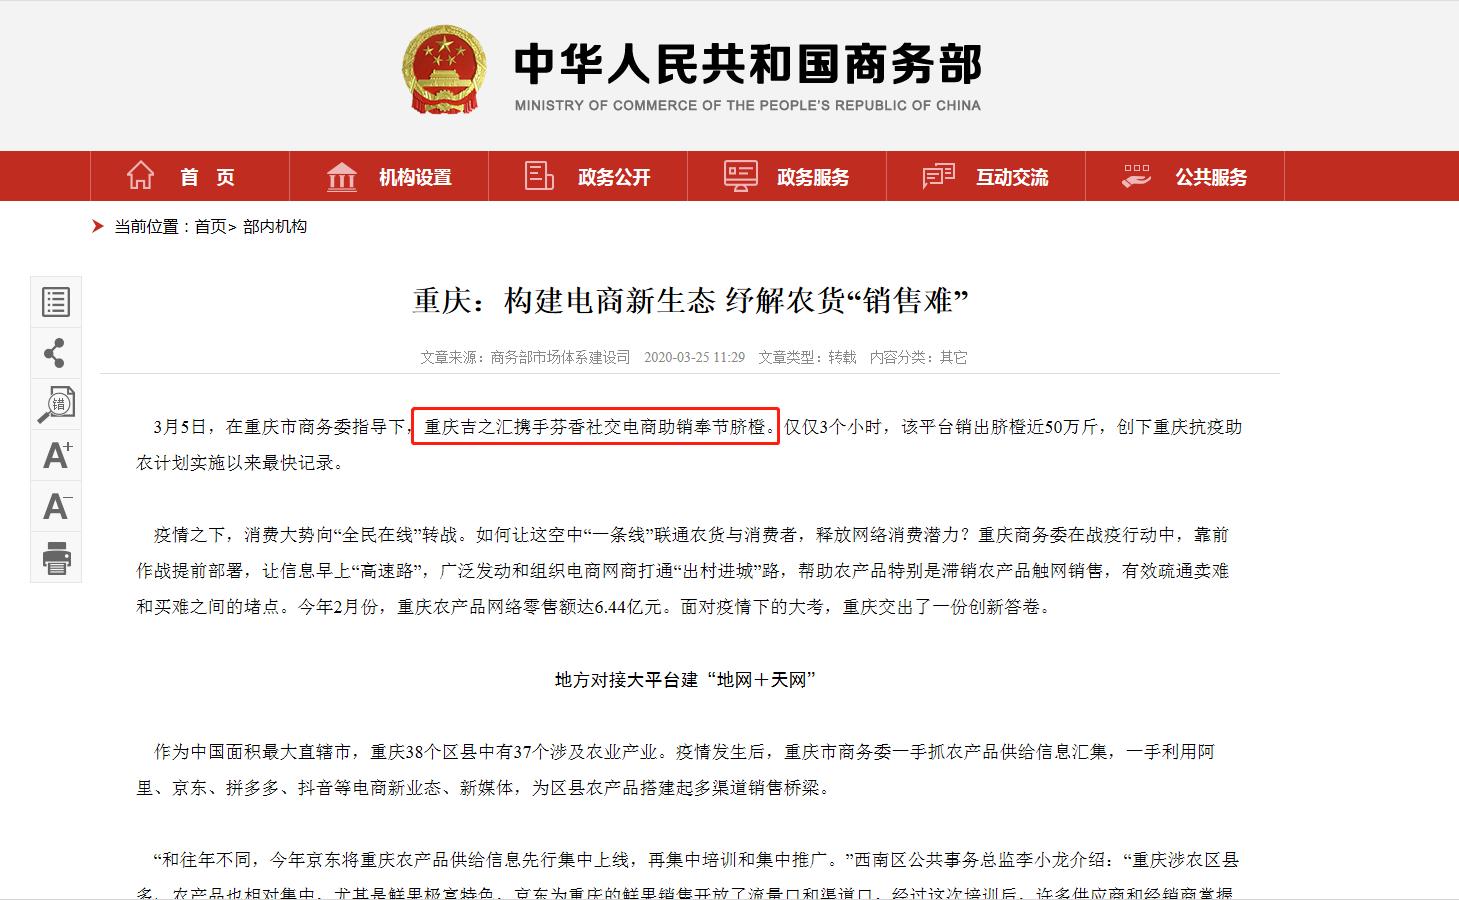 重庆有关农村社交电商政策助农效果显著